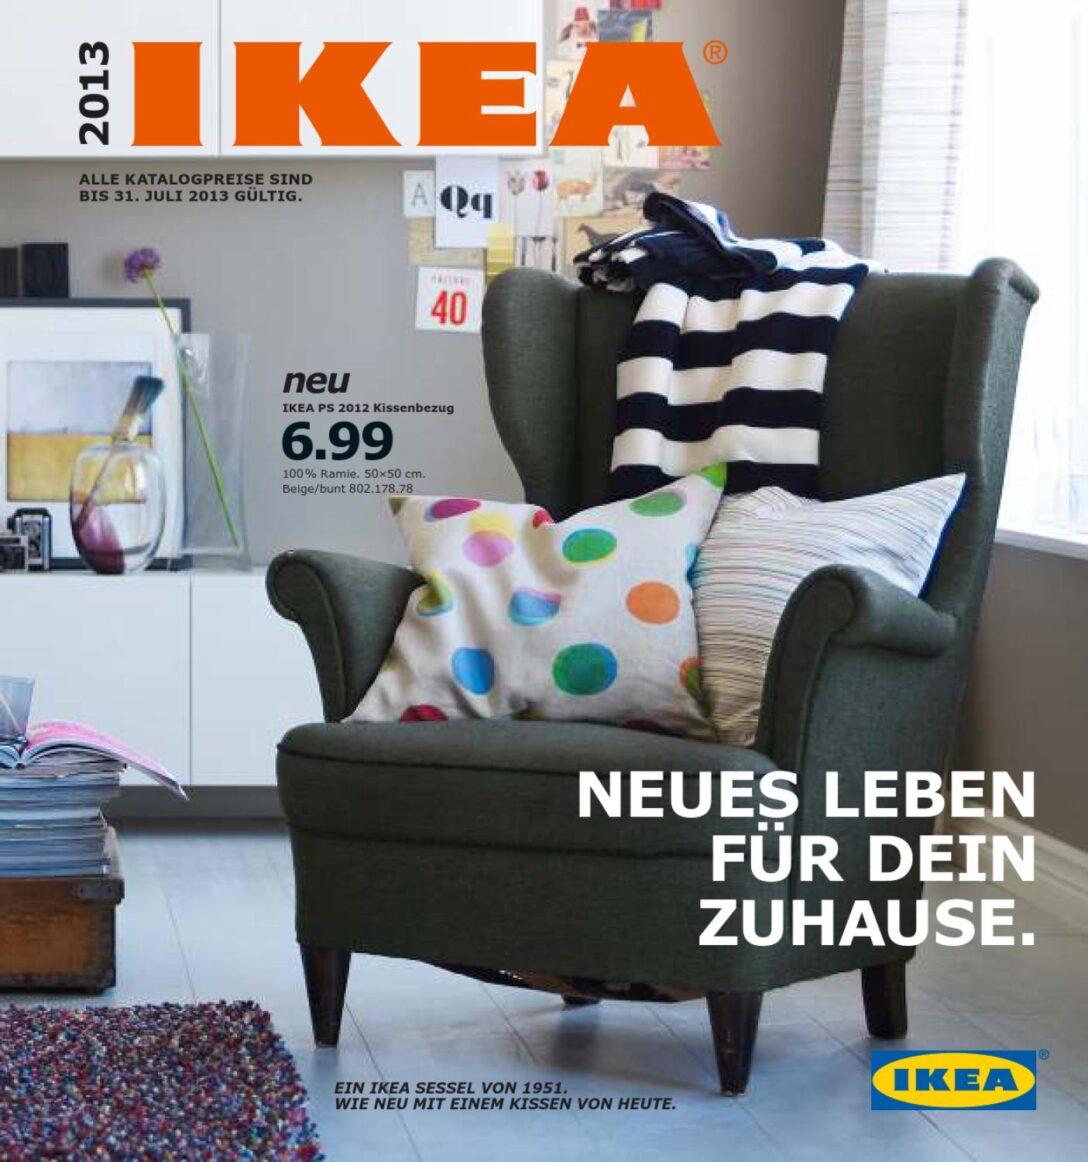 Large Size of Ikea Liegestuhl Garten Holztisch Klapptisch Ausziehtisch Brunnen Im Lärmschutzwand Schaukelstuhl Rattanmöbel Aufbewahrungsbox Edelstahl Wohnzimmer Ikea Liegestuhl Garten